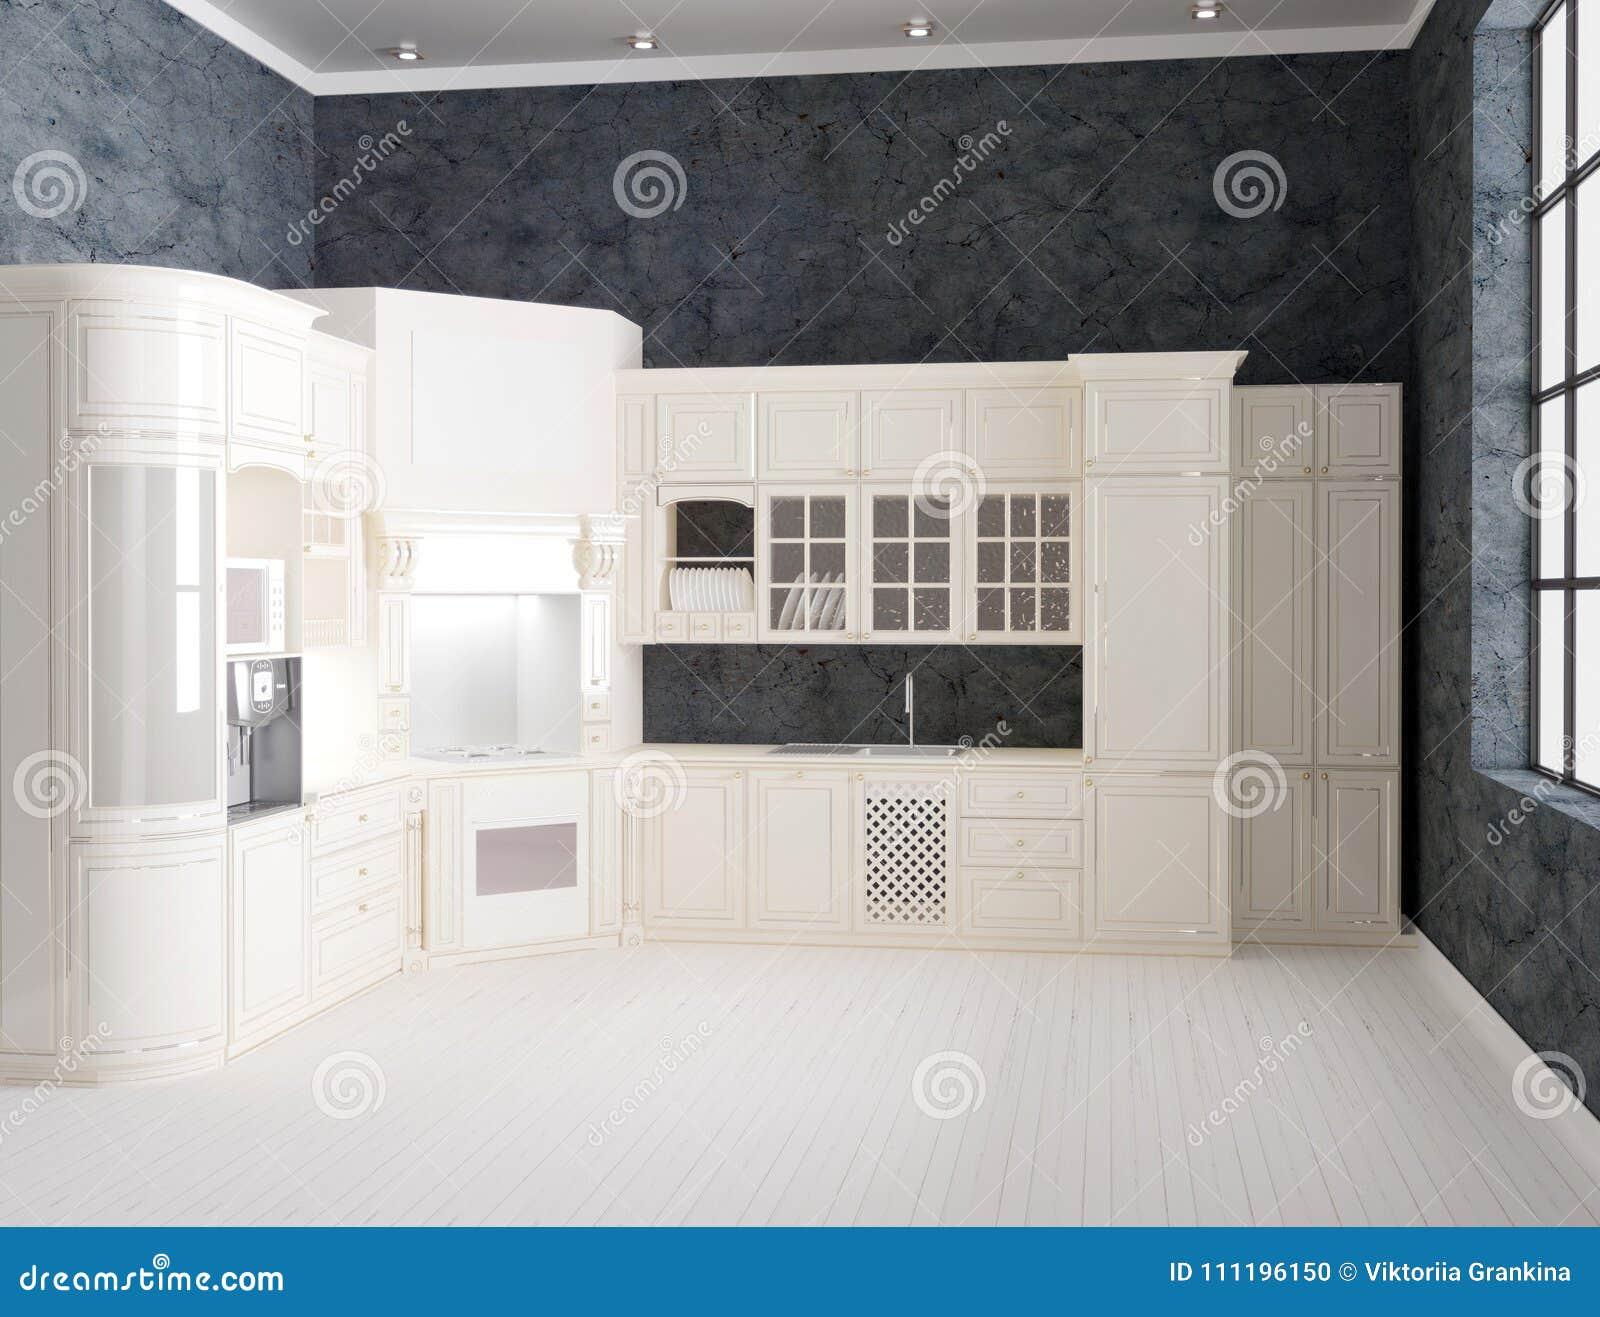 3d rendering luksusowy kuchenny wnętrze